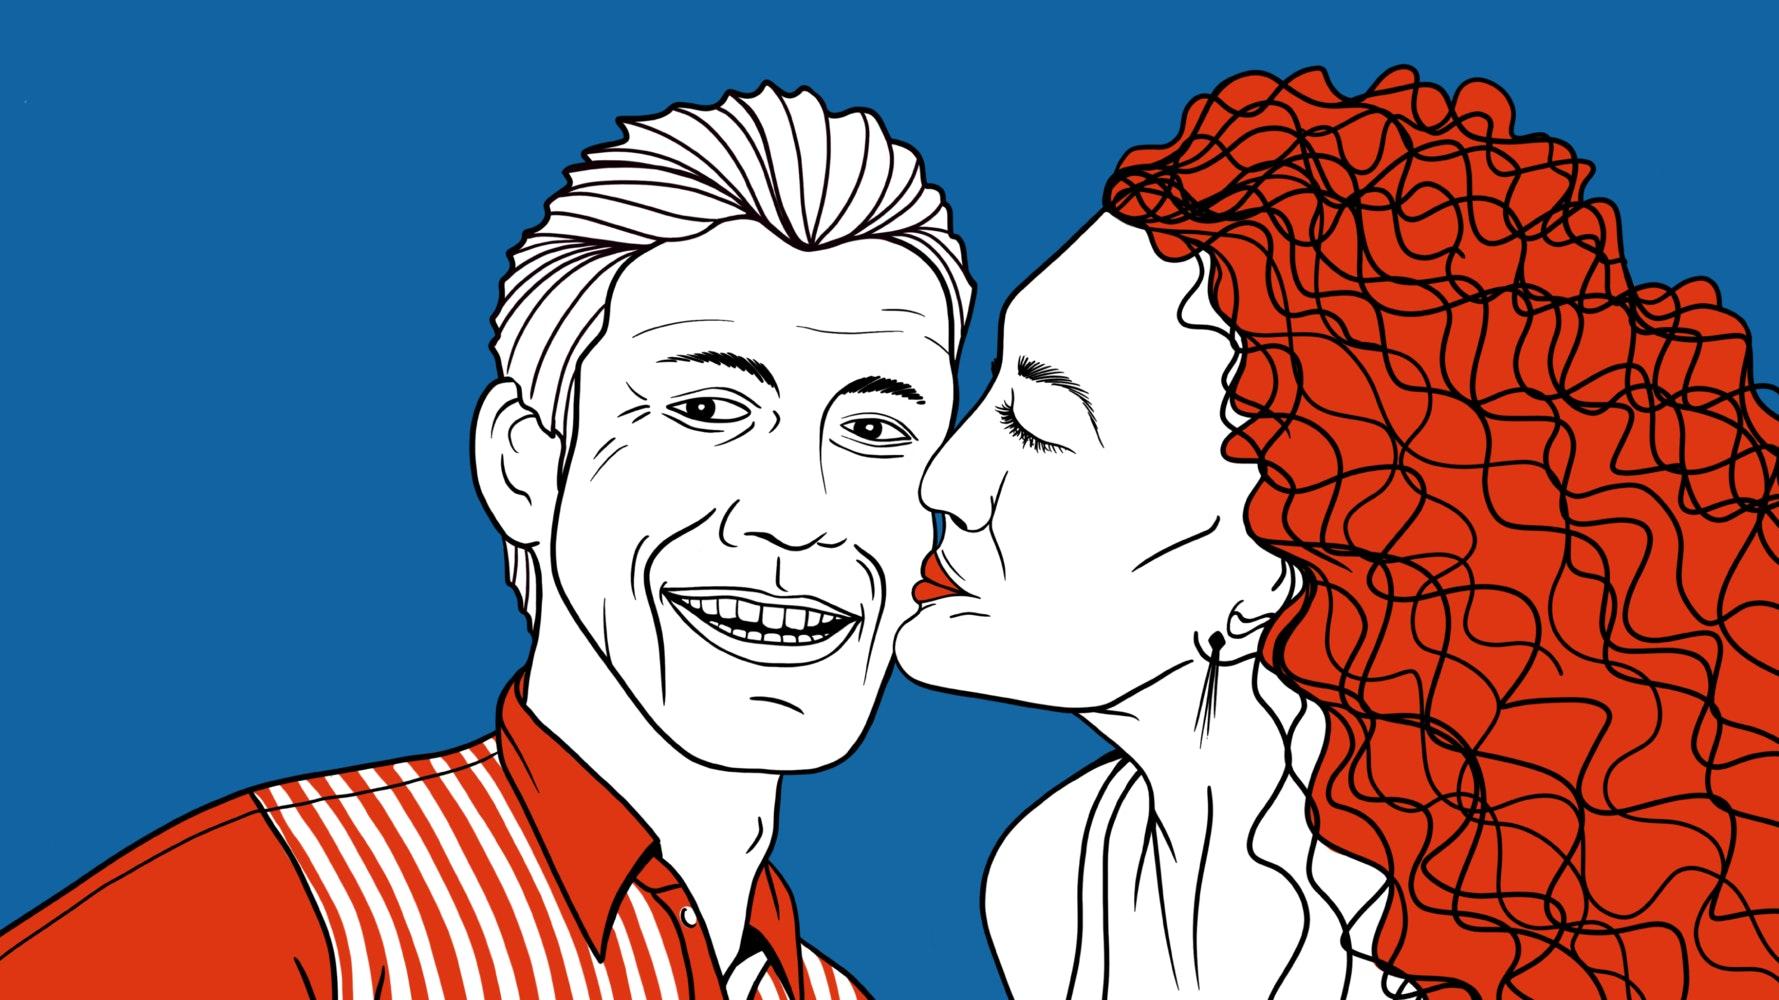 Woman kissing a man's cheek as he takes a selfie